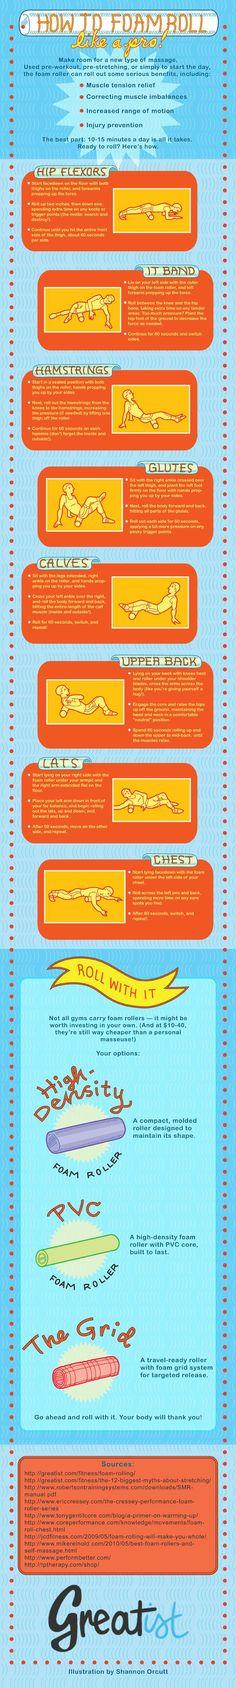 How to Foam Roll Like a Pro | Greatist